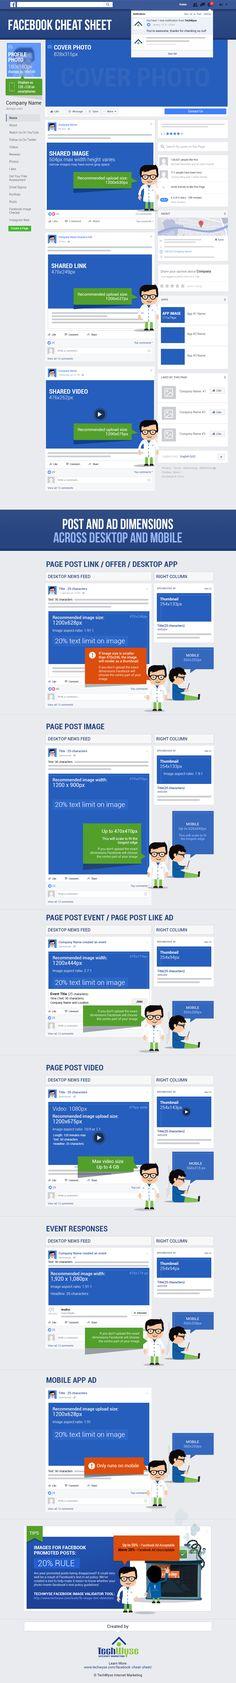 Facebook Tamaño de la imagen Chuleta de la [Infografía] |  Hoy en día los medios sociales